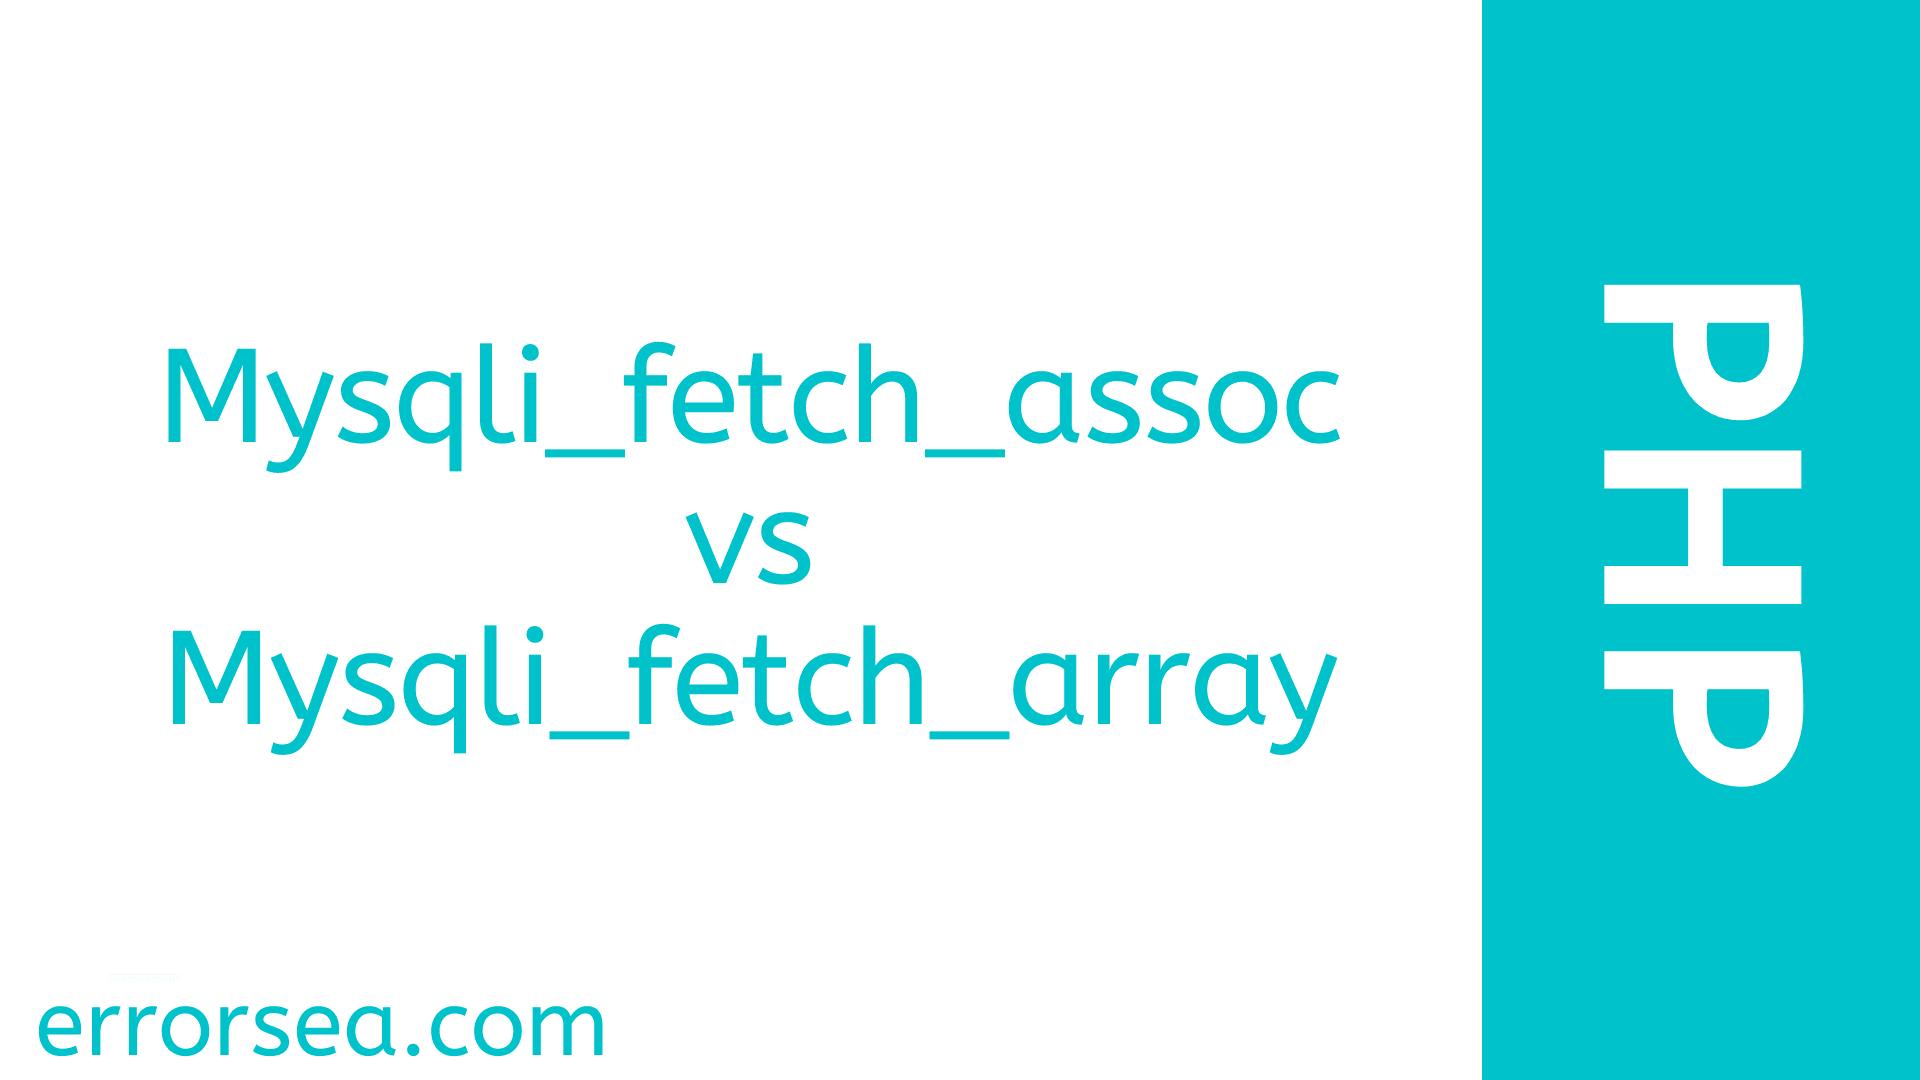 Mysqli_fetch_assoc vs Mysqli_fetch_array [With Example]